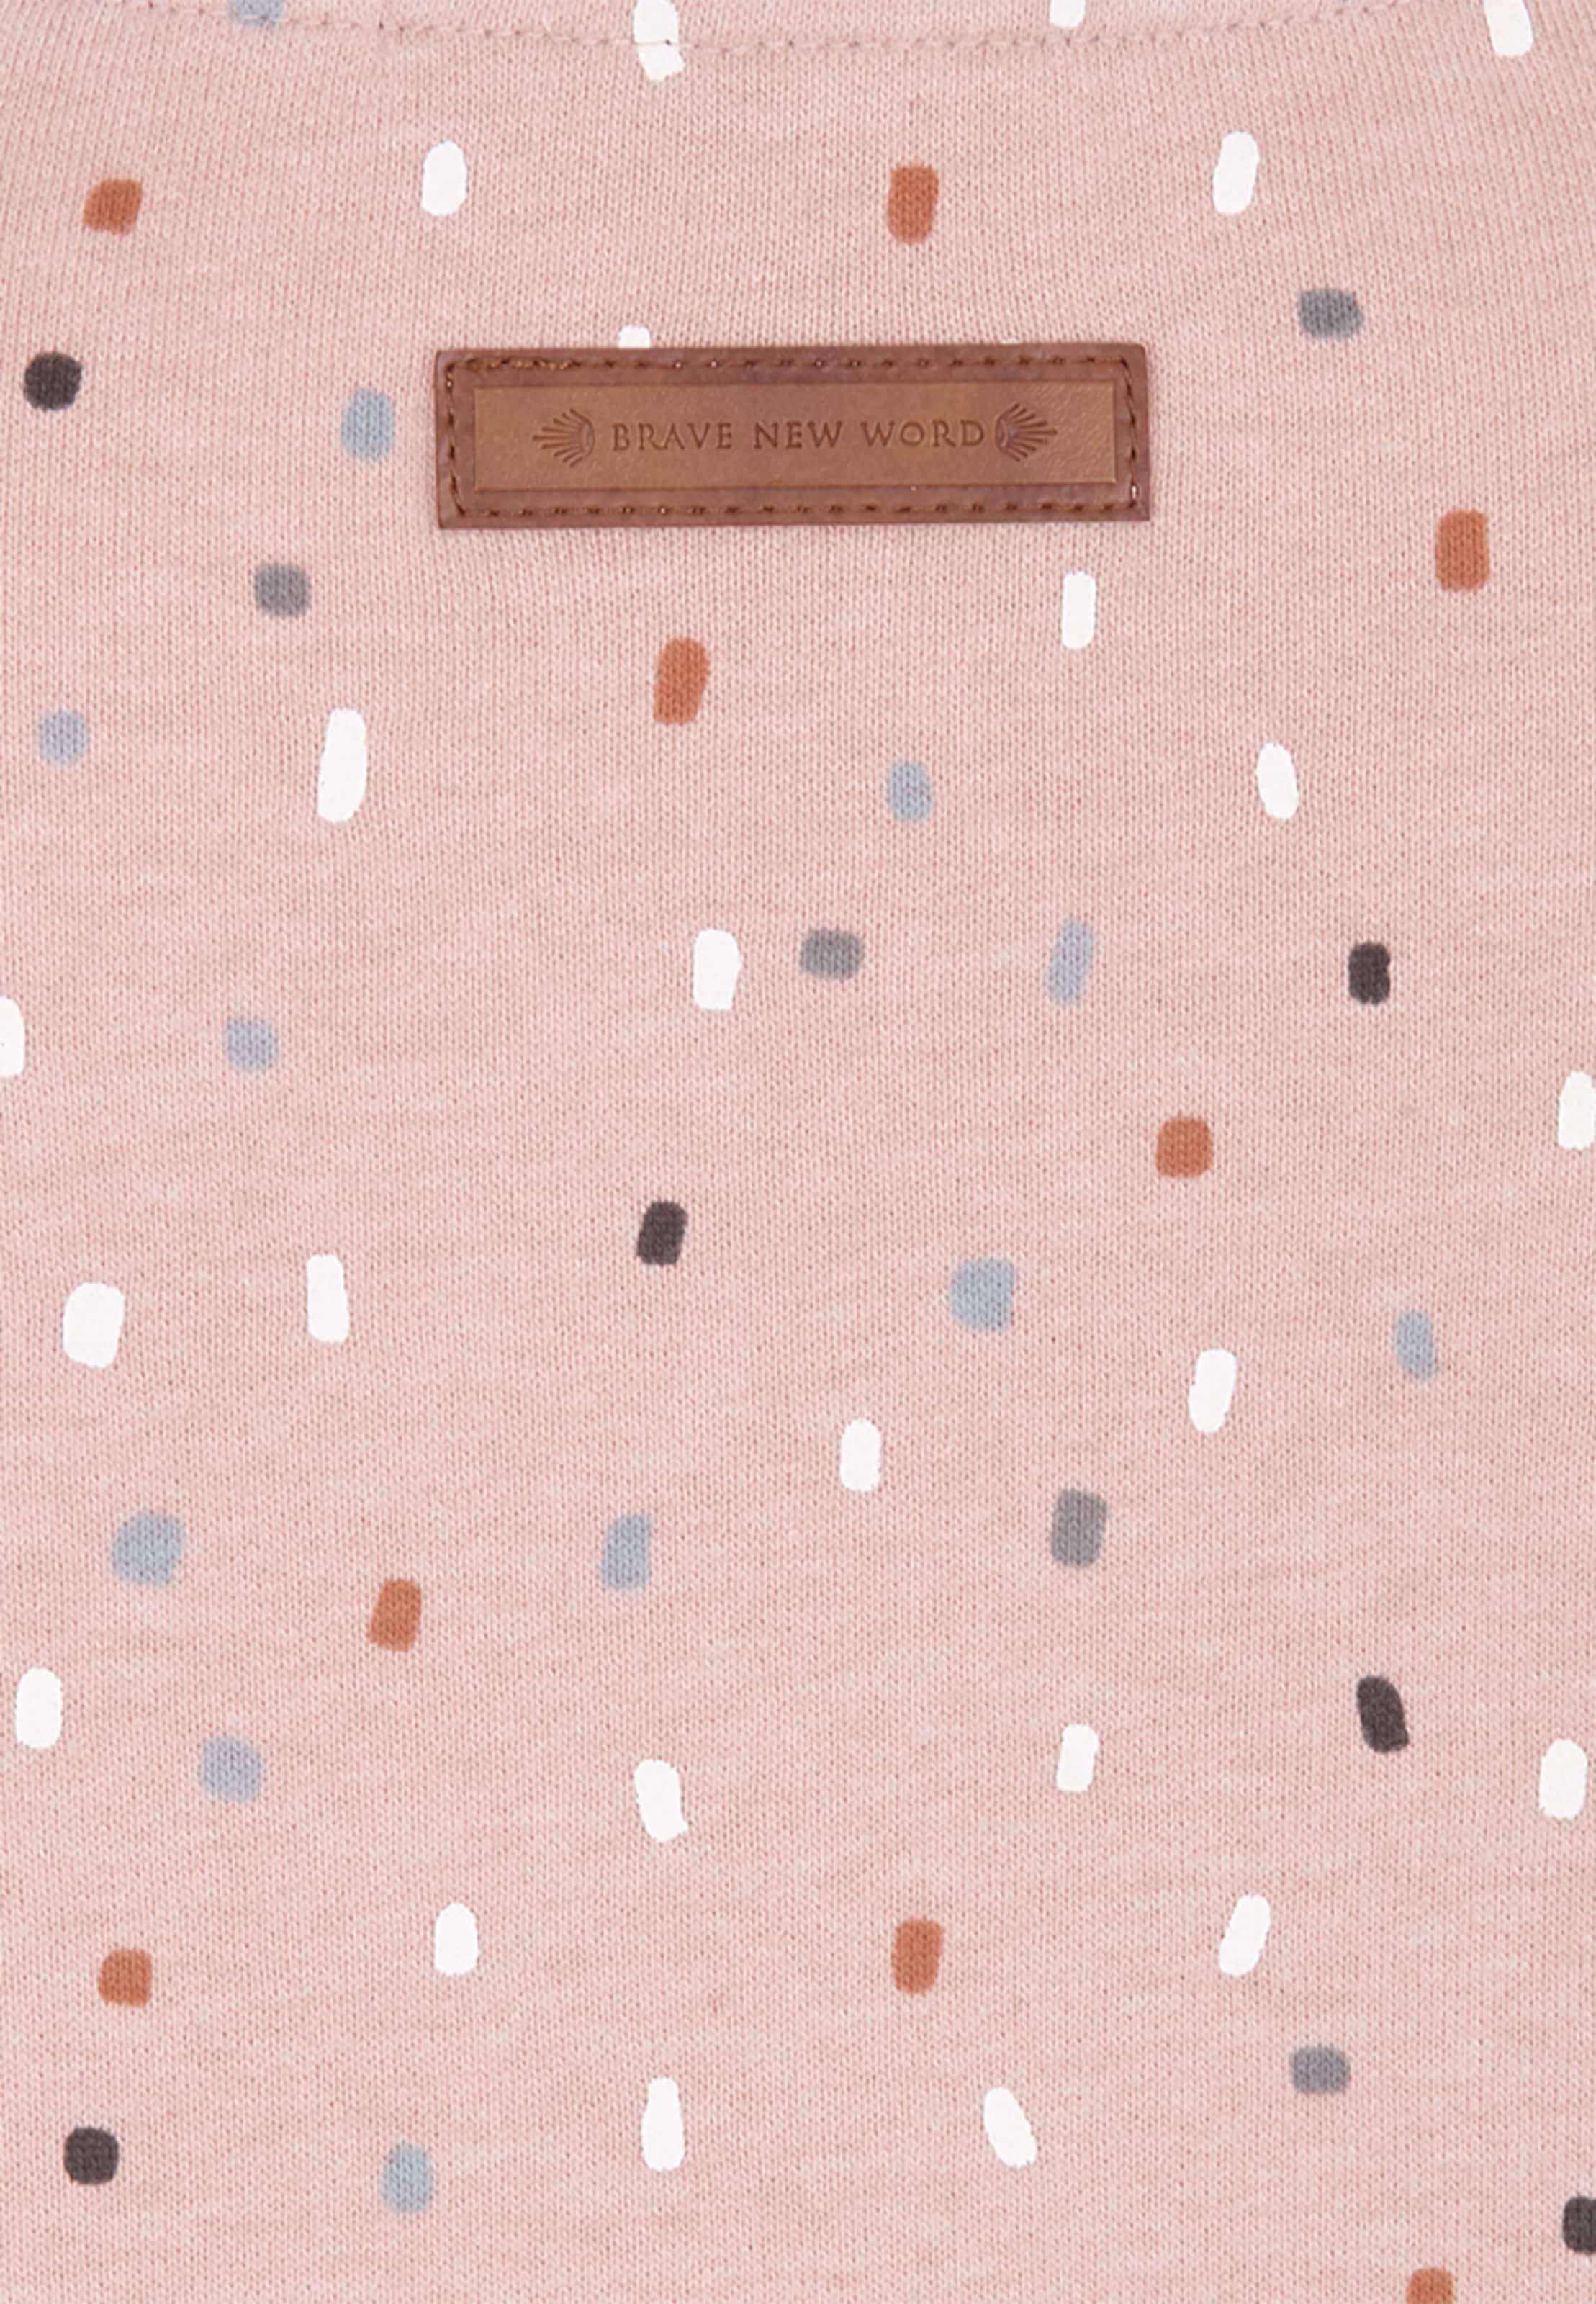 Günstige Online Günstig Kaufen Footlocker Bilder naketano Female Sweatshirt 'Möhrenkomplott' Verkauf Amazon ZX9BSuiWfJ